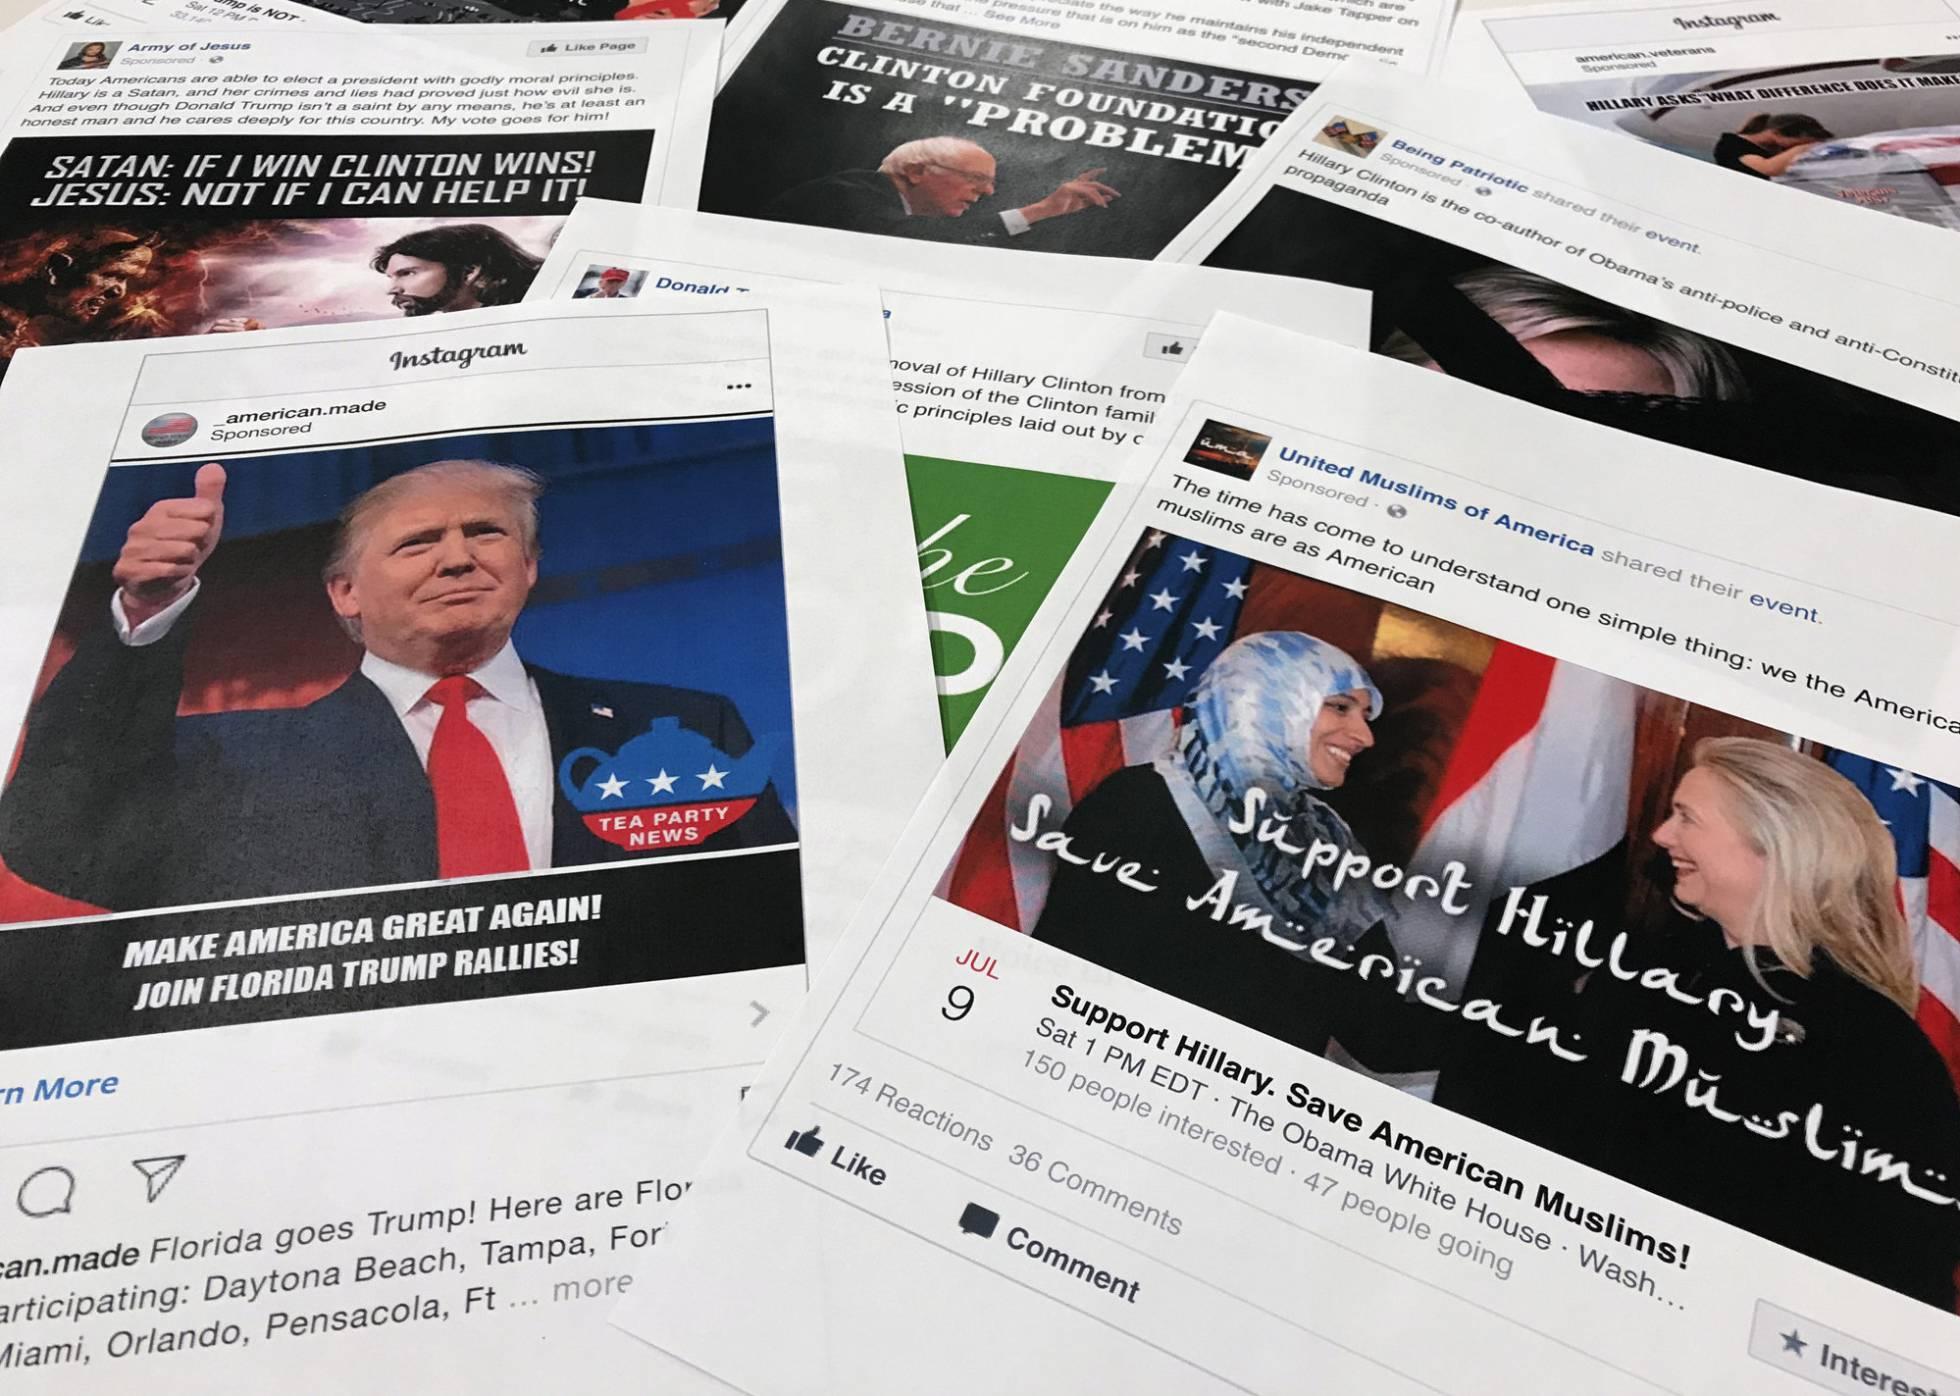 Los piratas rusos intentaron desacreditar a Robert Mueller tras el triunfo de Trump